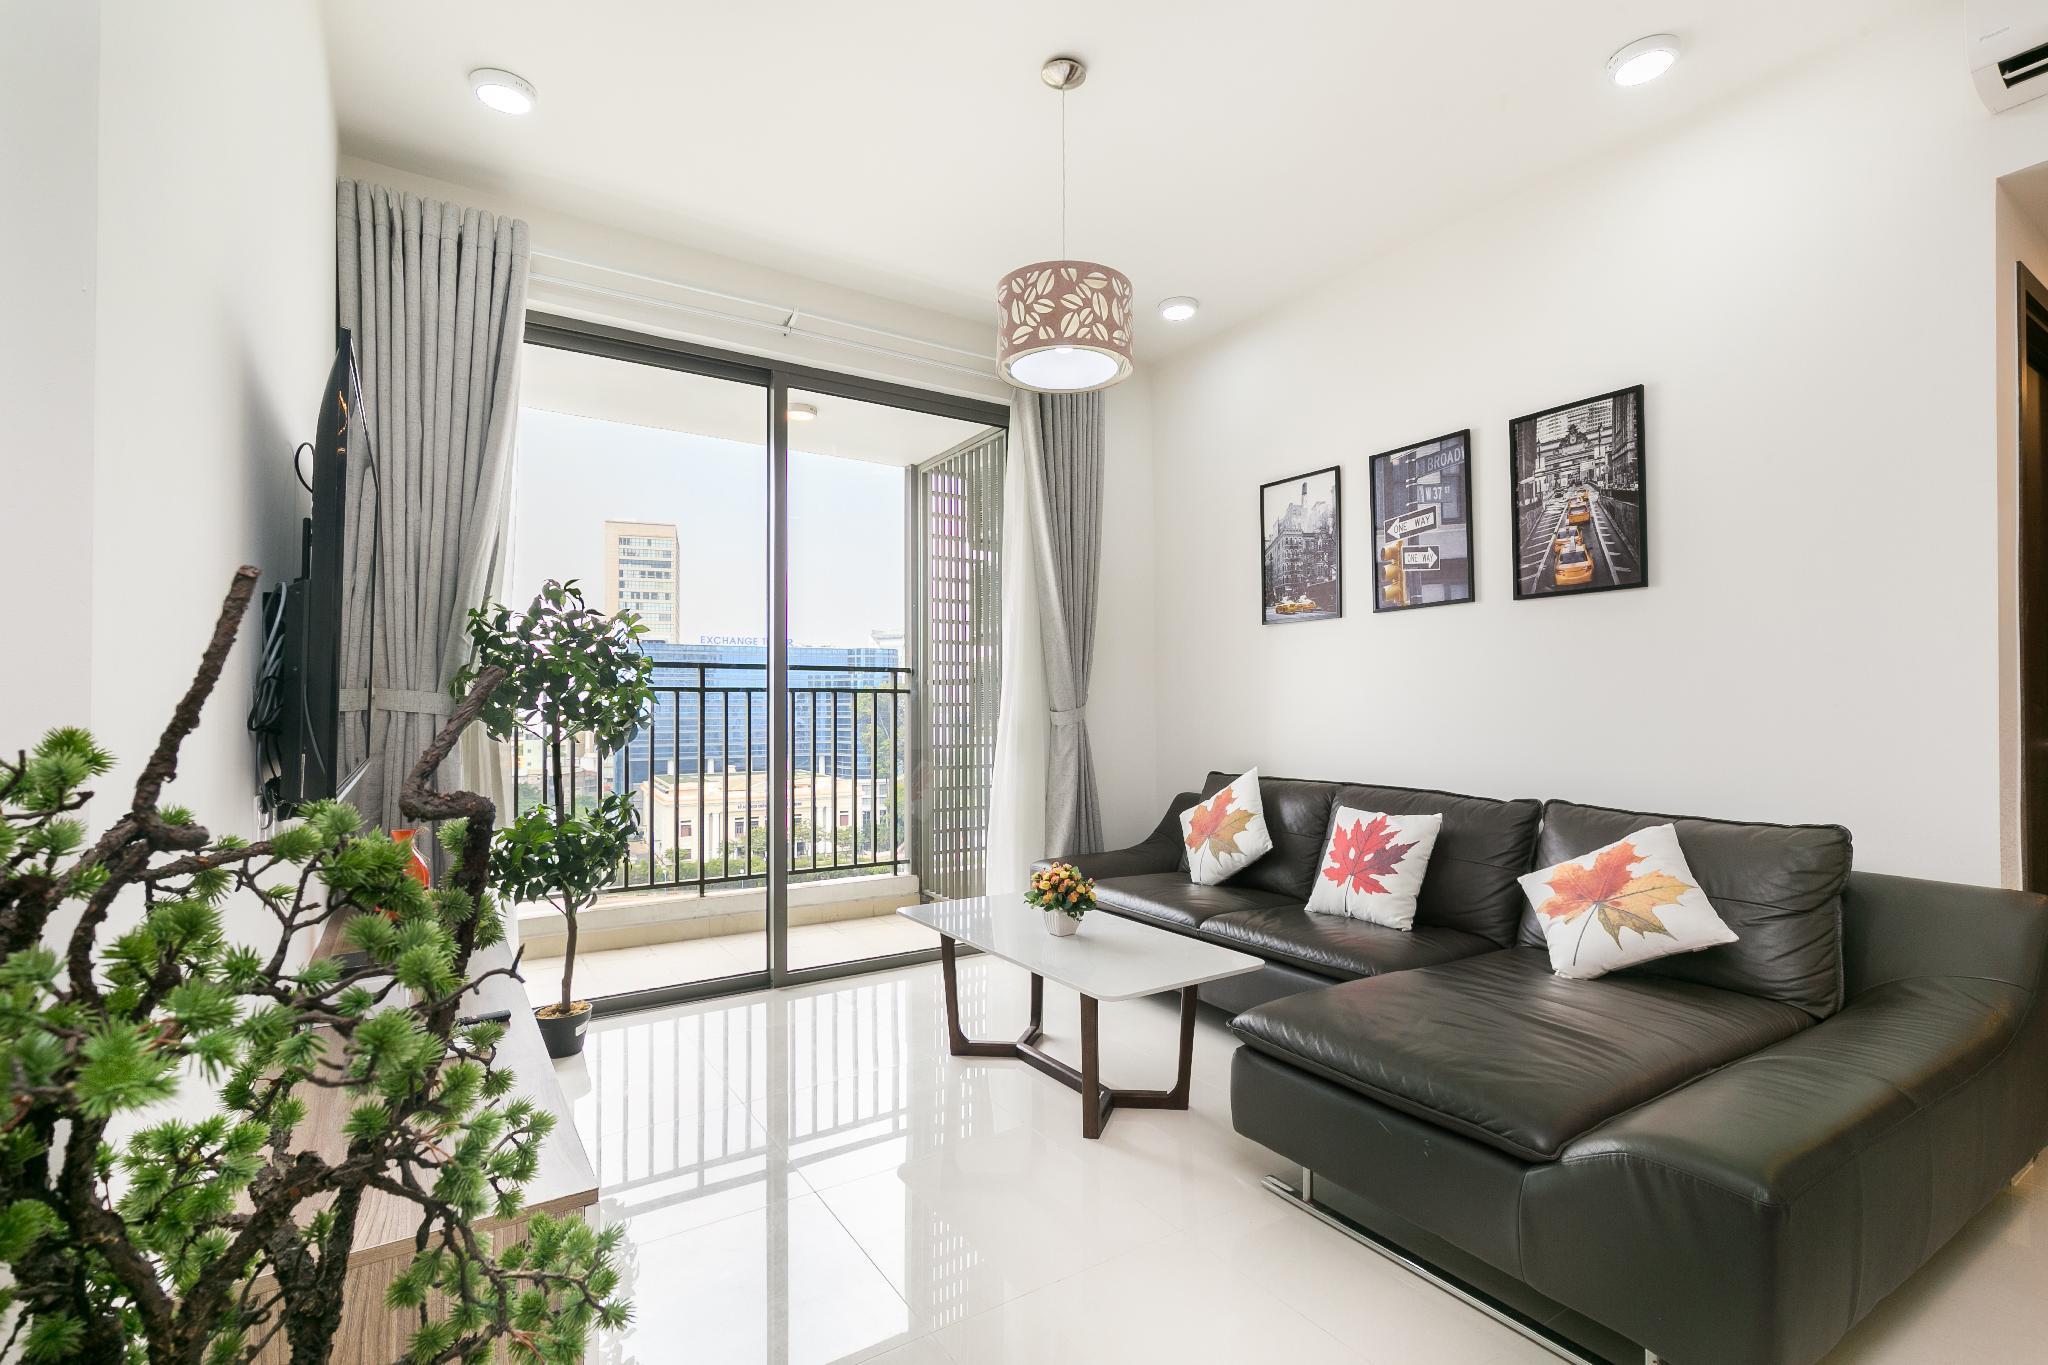 Private Cosy&Charming 3BR Apartment in CBD*Tresor